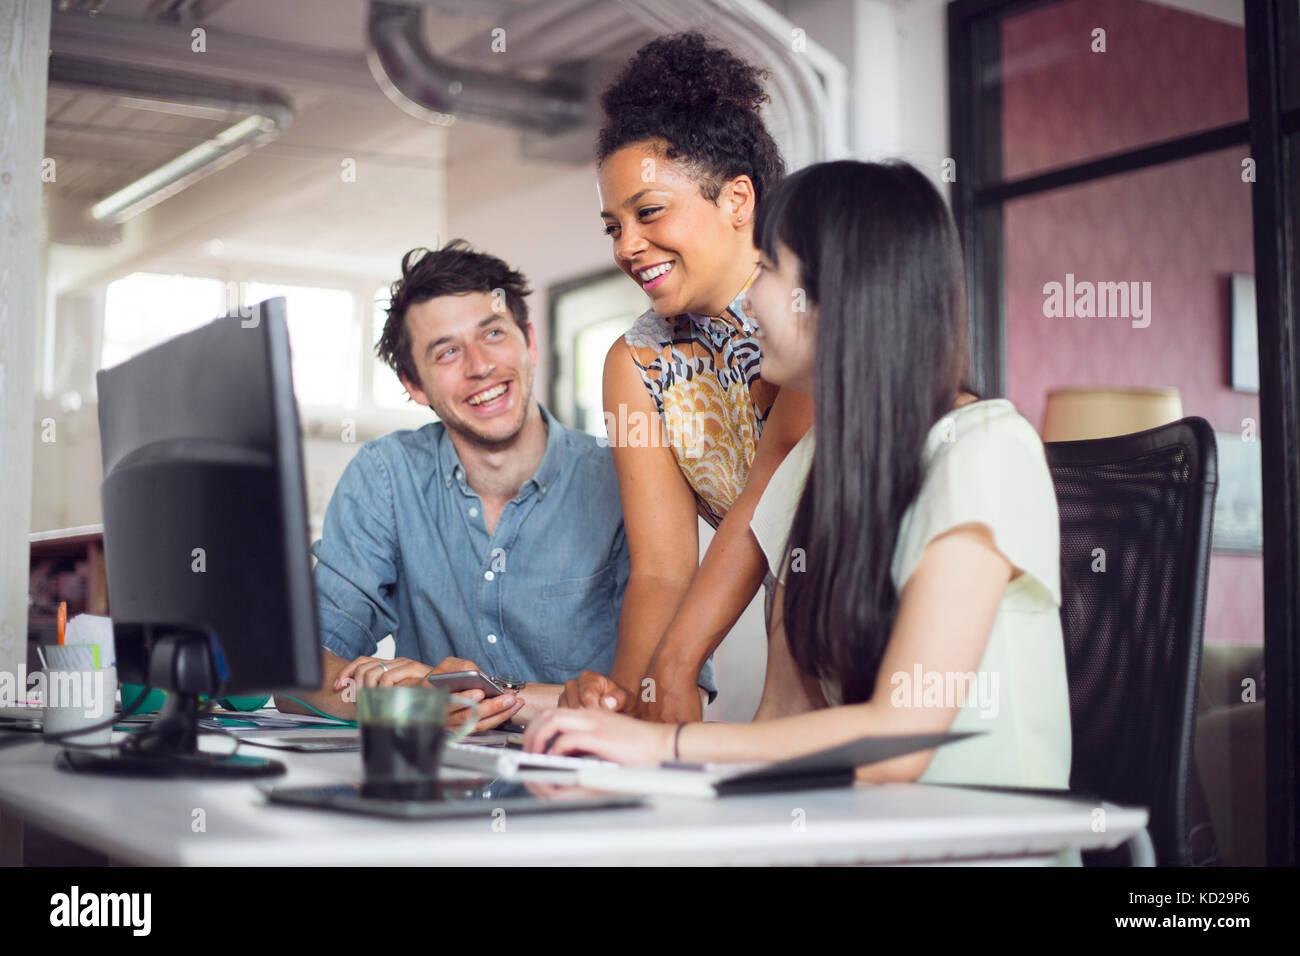 Mitarbeiter vor computer monitor lächelnd Stockfoto